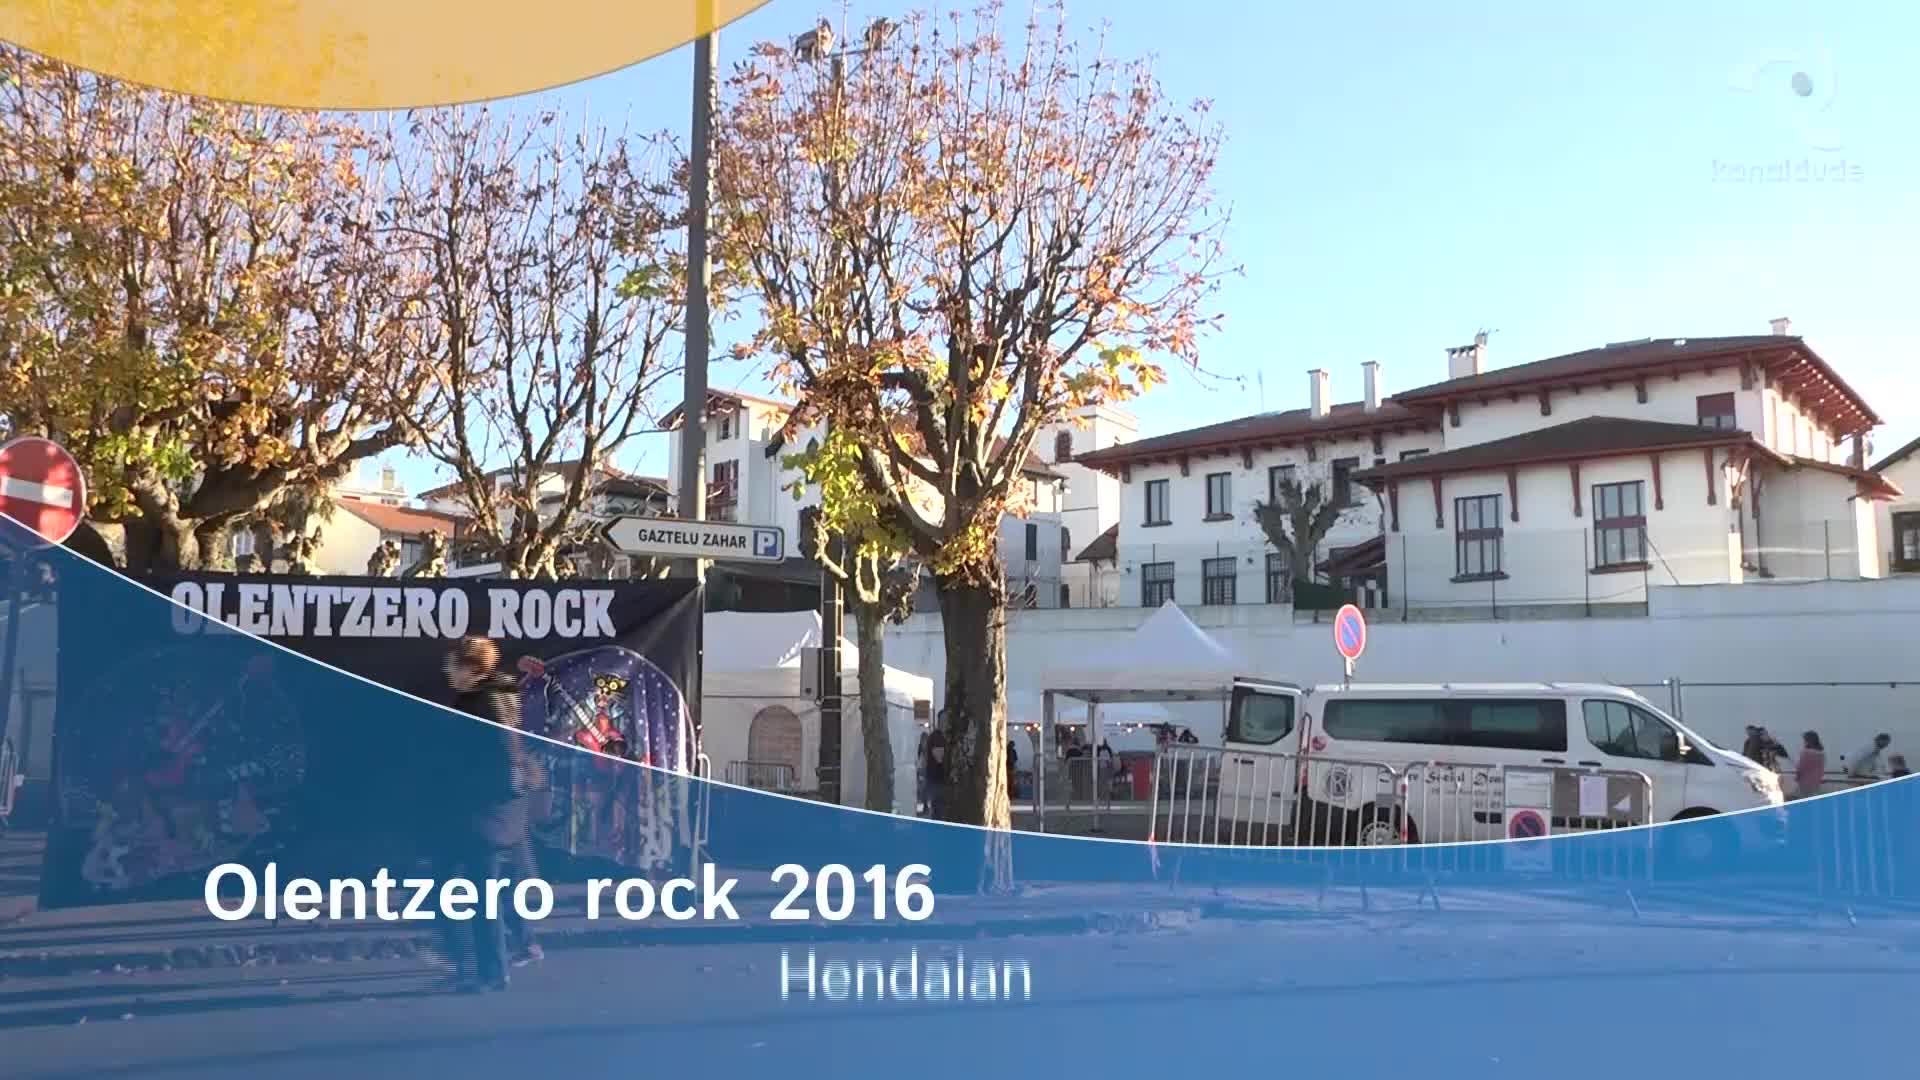 Olentzero rock 2016 Hendaian